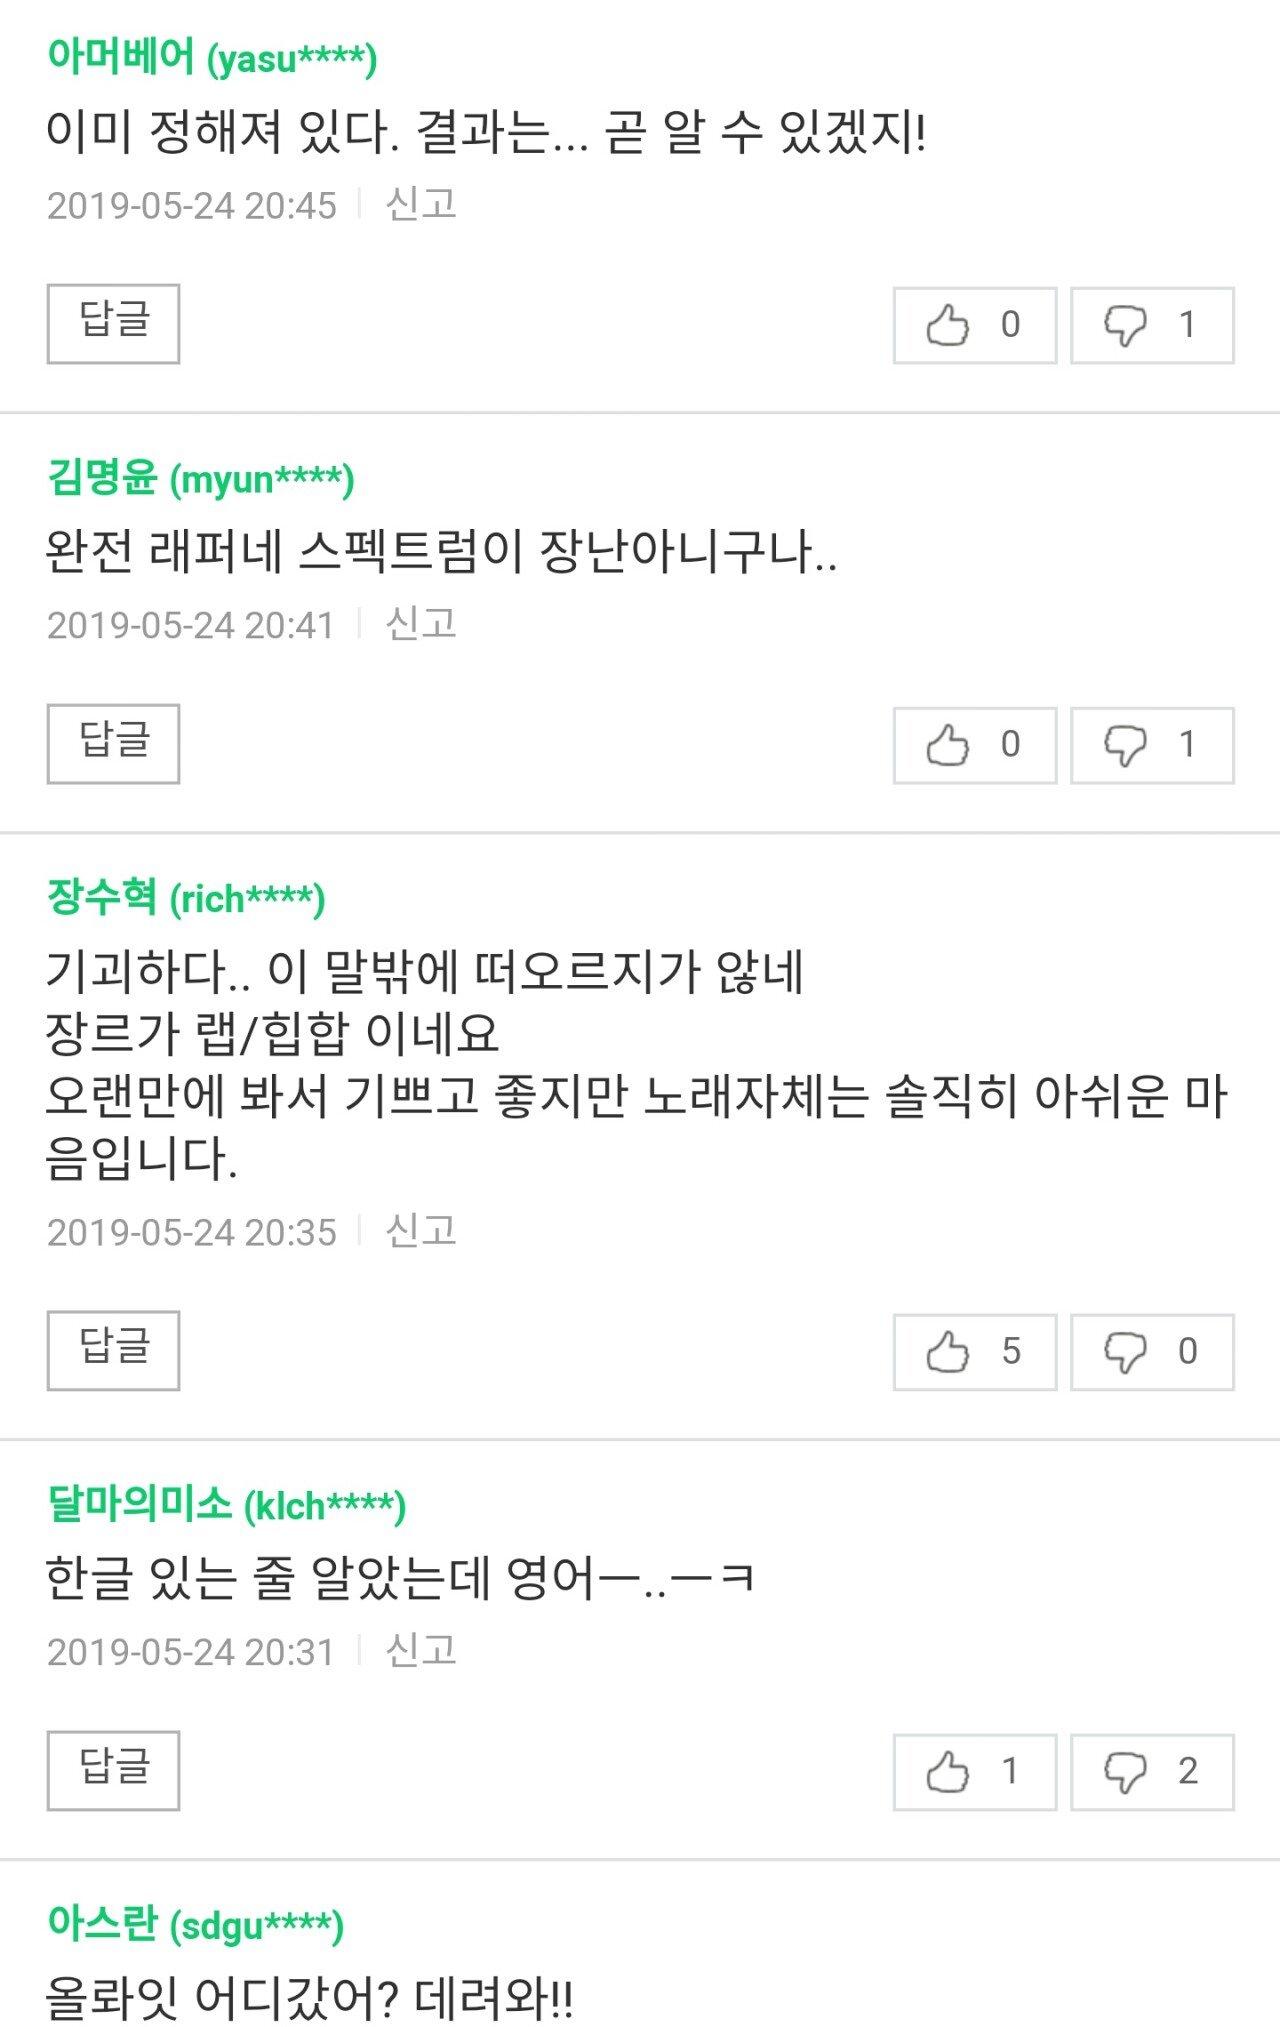 김예림 신곡 반응